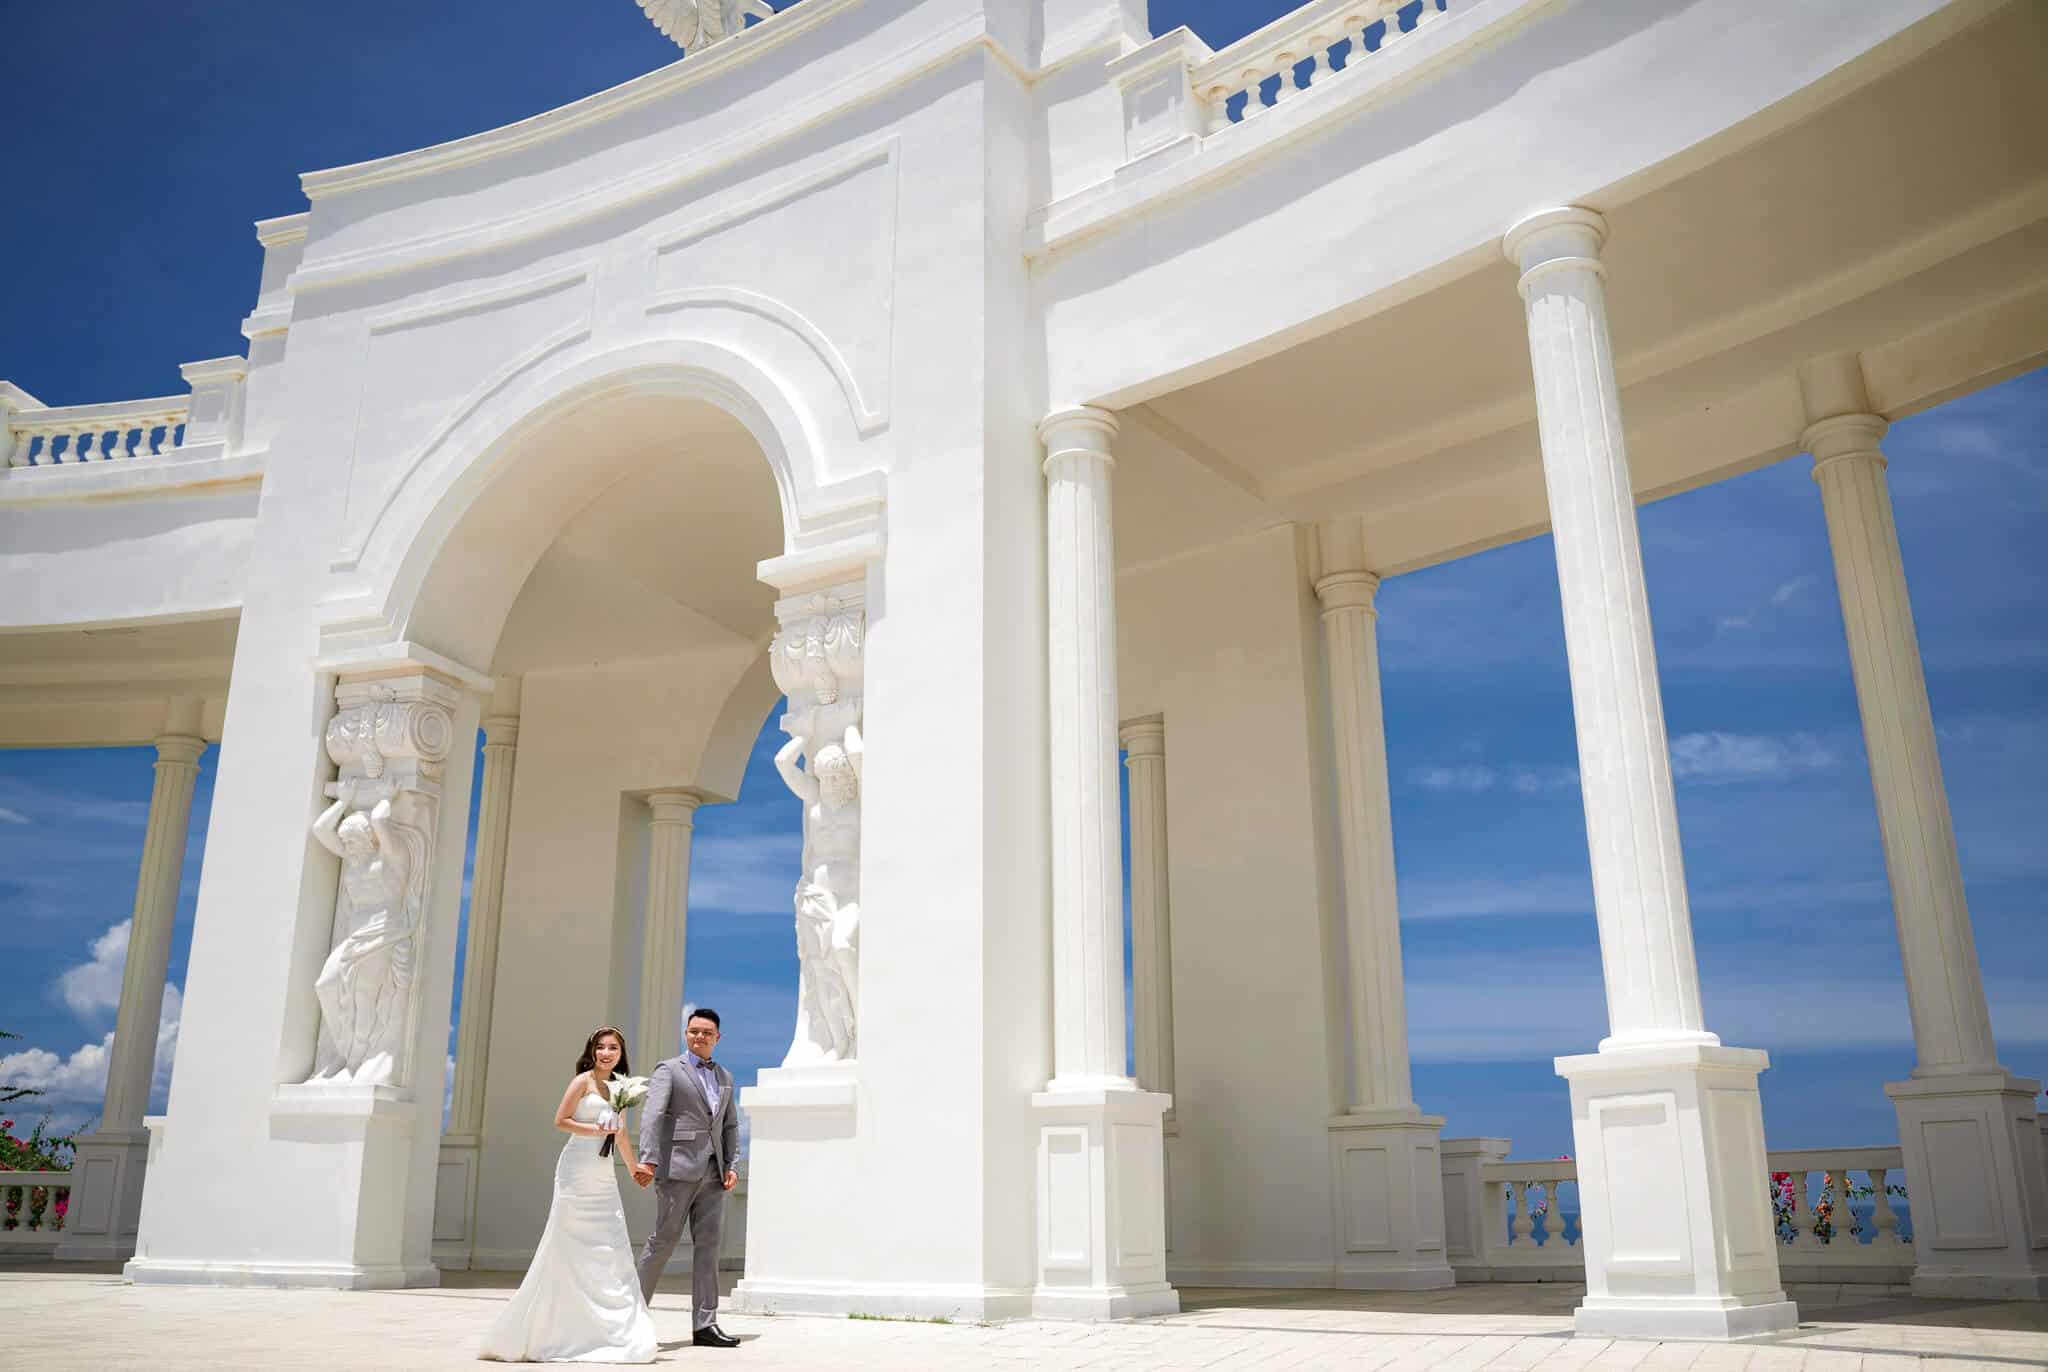 Chụp ảnh cưới Vinpeal Nha Trang, Phong cách chụp ảnh cưới Nha Trang theo xu hướng Châu Âu đẳng cấp, sang trọng